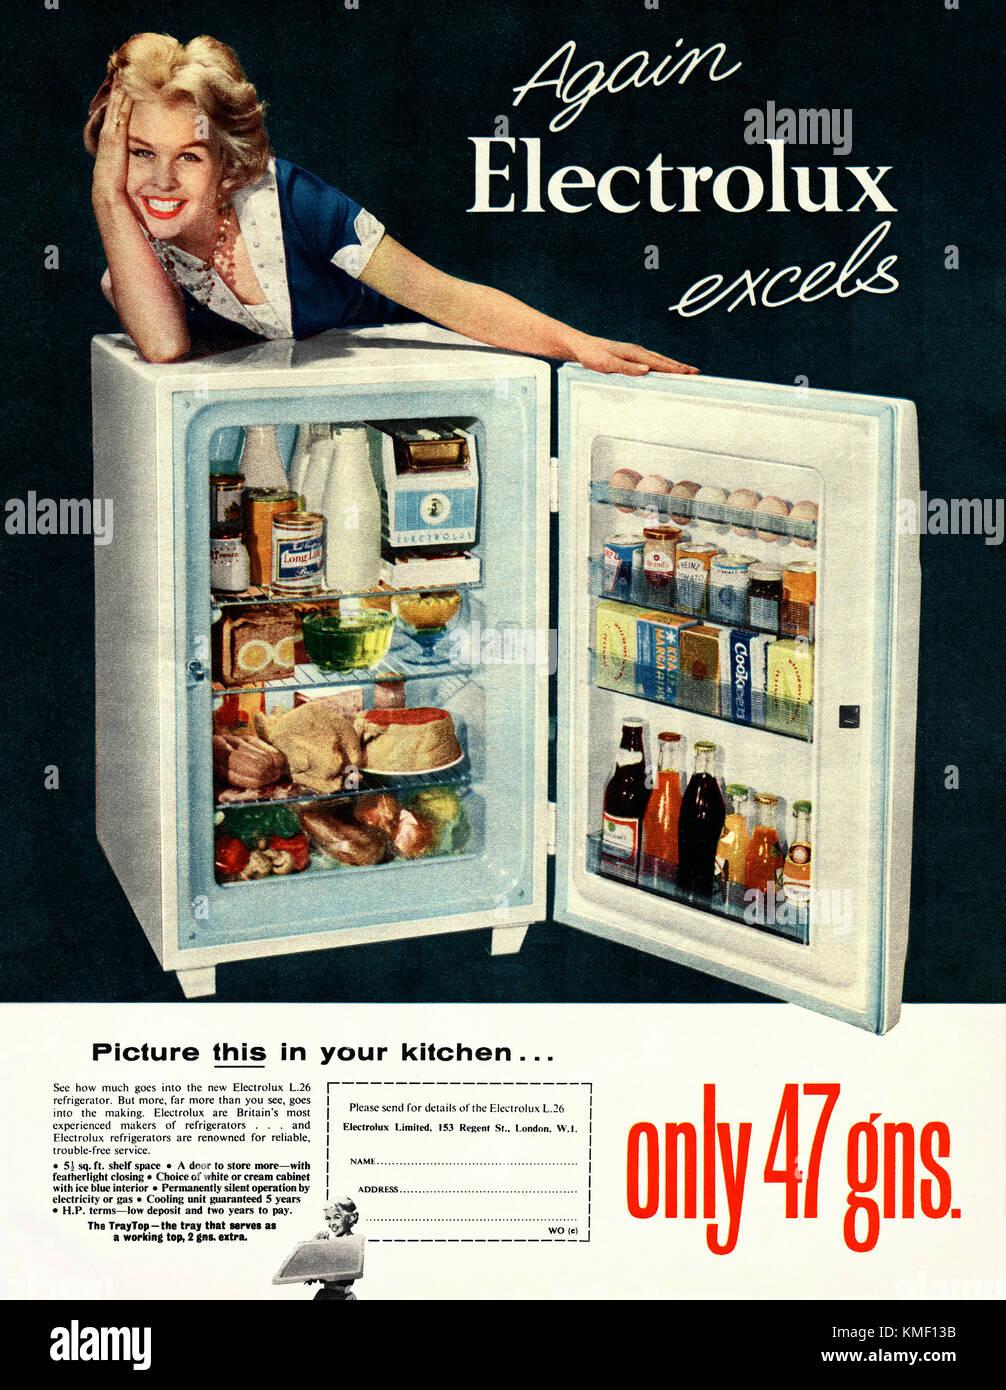 alte werbung f r eine electrolux k hlschrank es erschien in einer zeitschrift in gro britannien. Black Bedroom Furniture Sets. Home Design Ideas